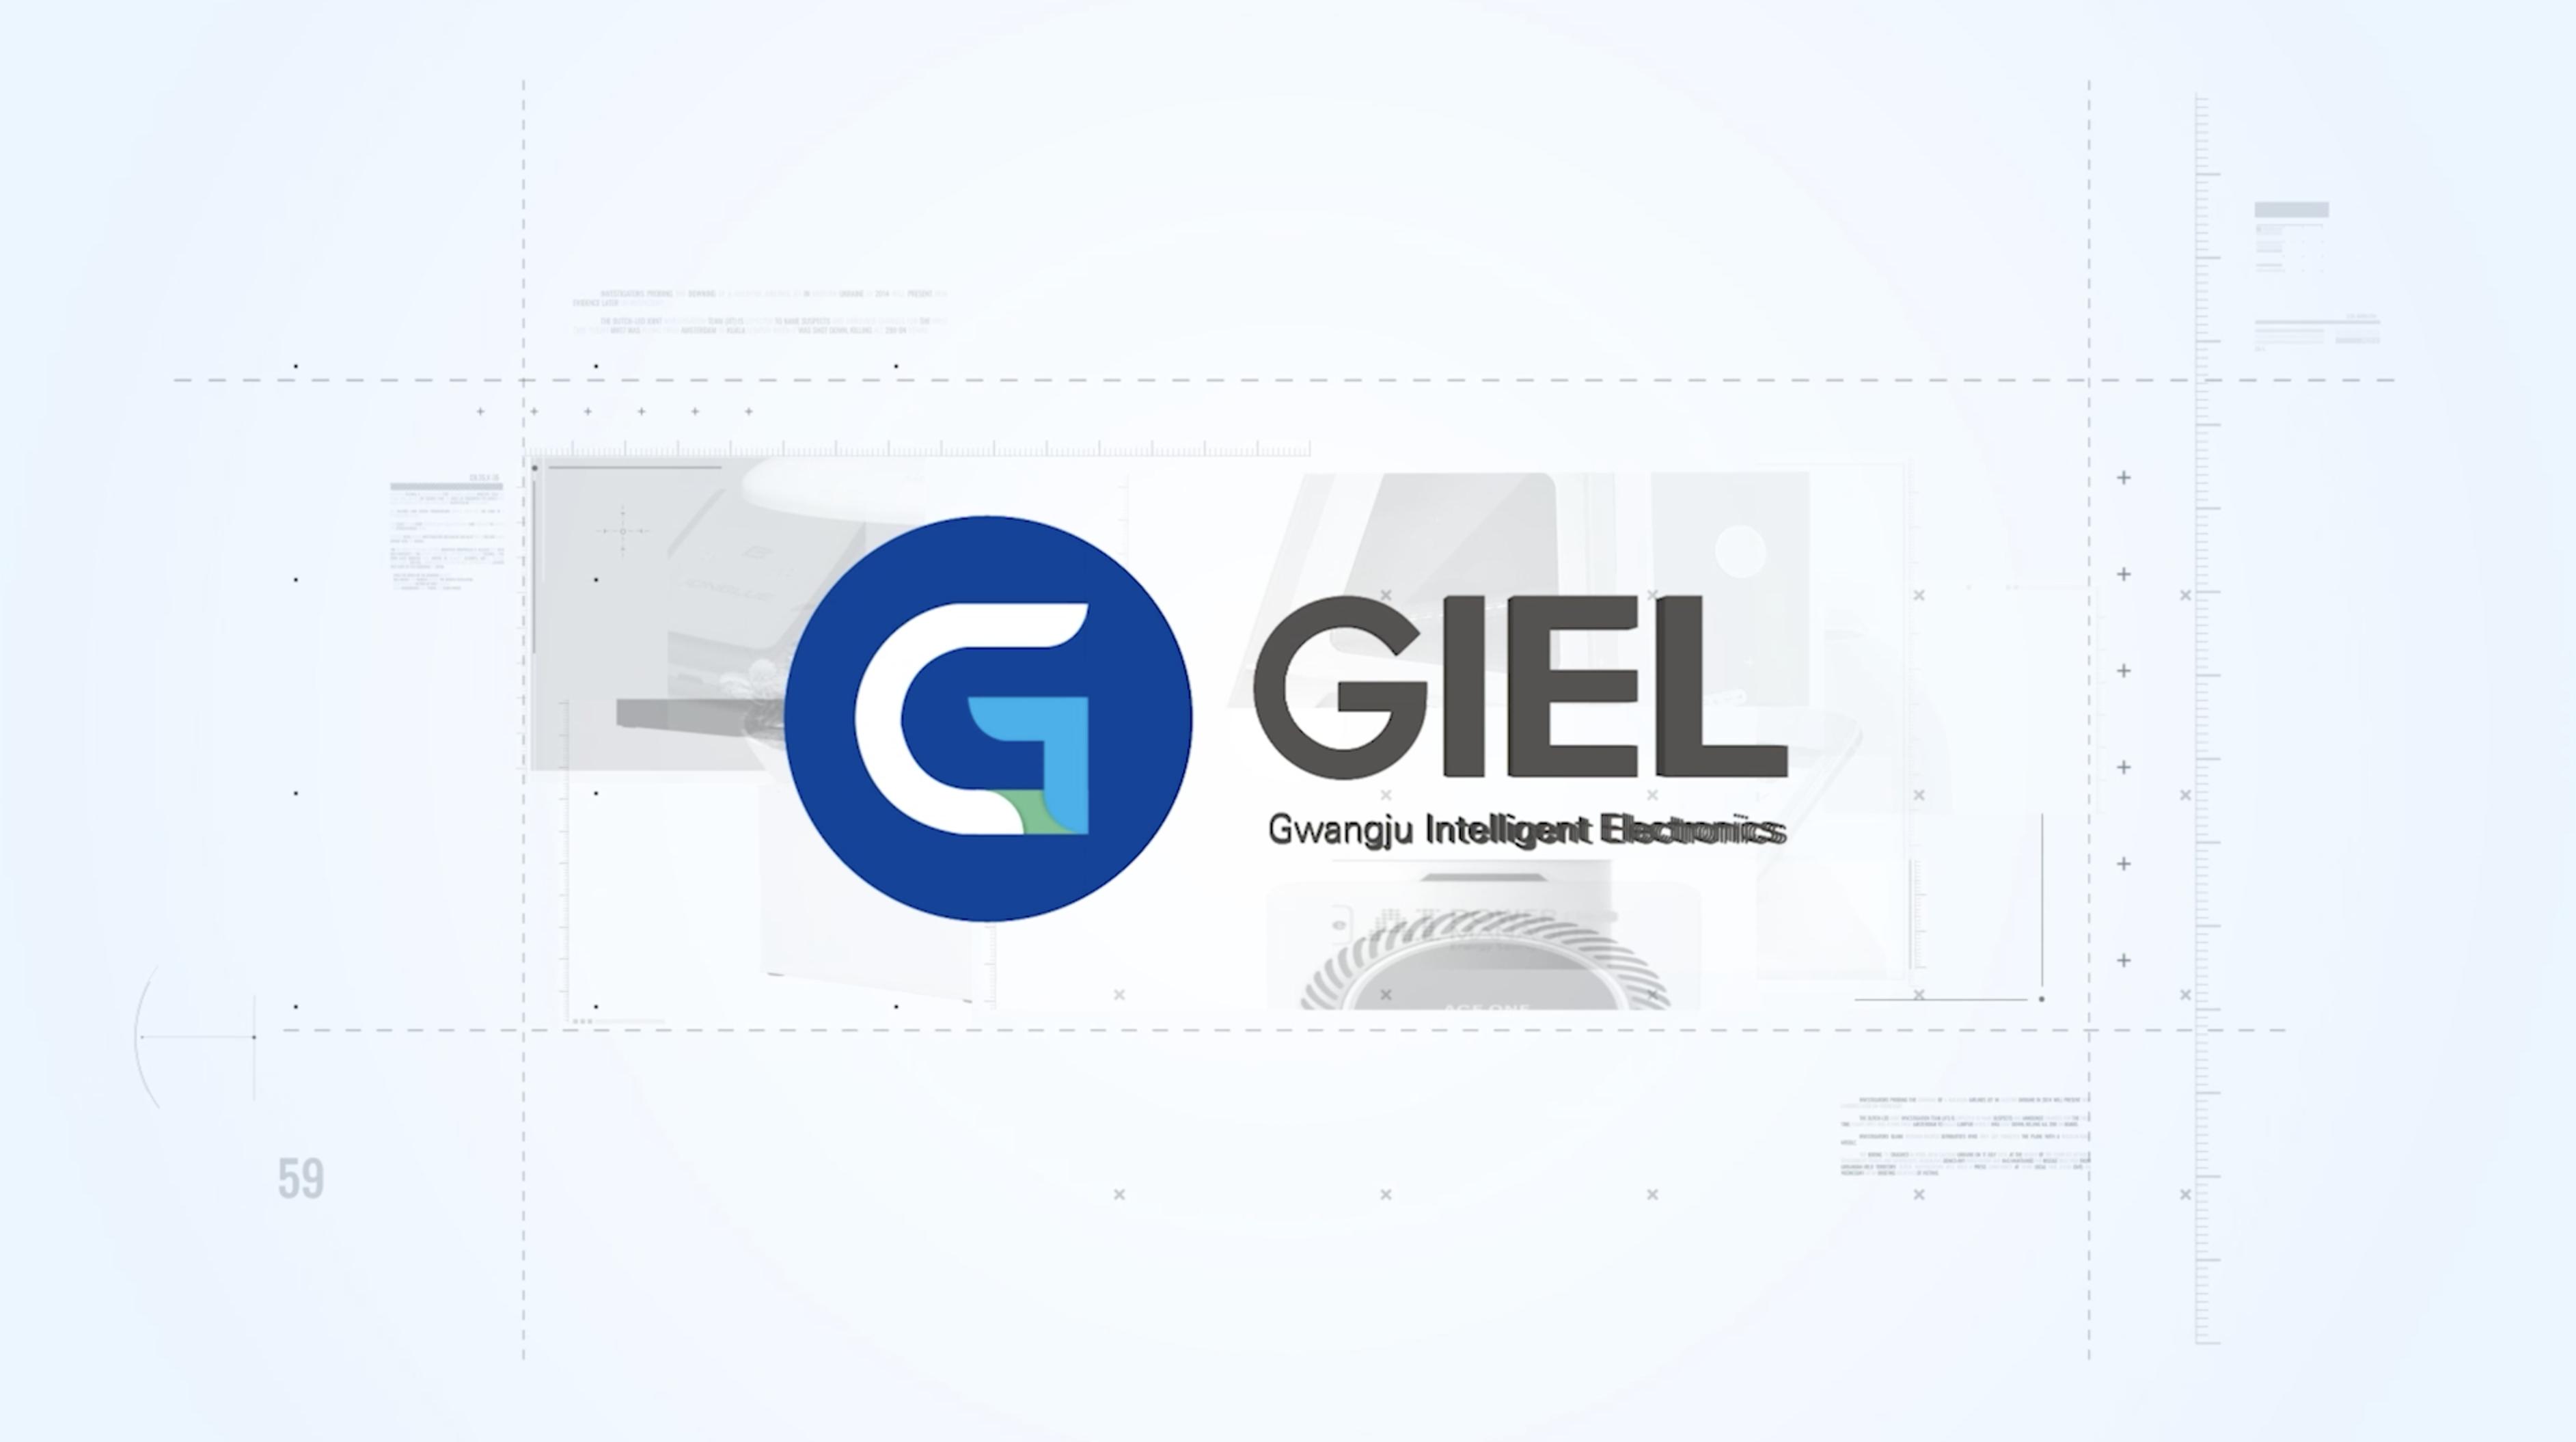 GIEL / 광주 가전제품 공동브랜드 목록 이미지